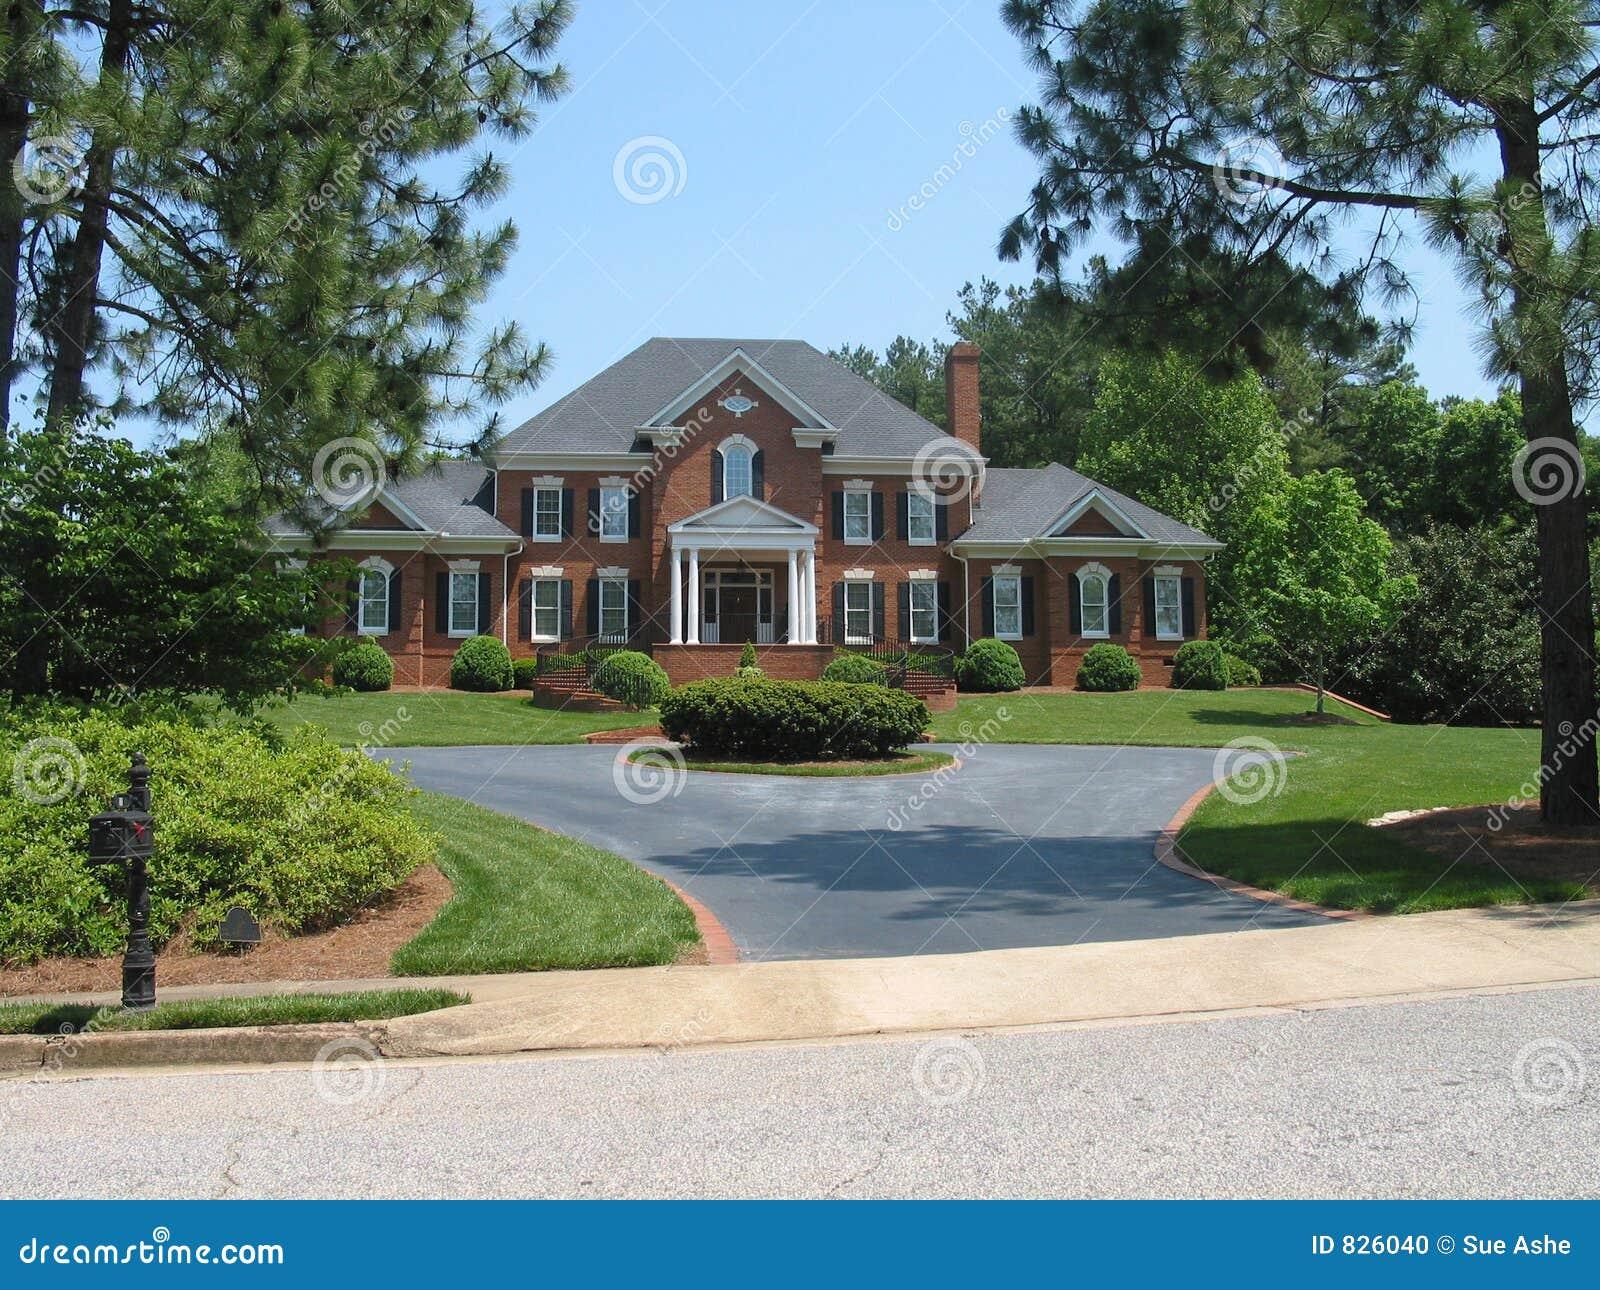 amerikanisches traumhaus stockfoto bild 826040. Black Bedroom Furniture Sets. Home Design Ideas